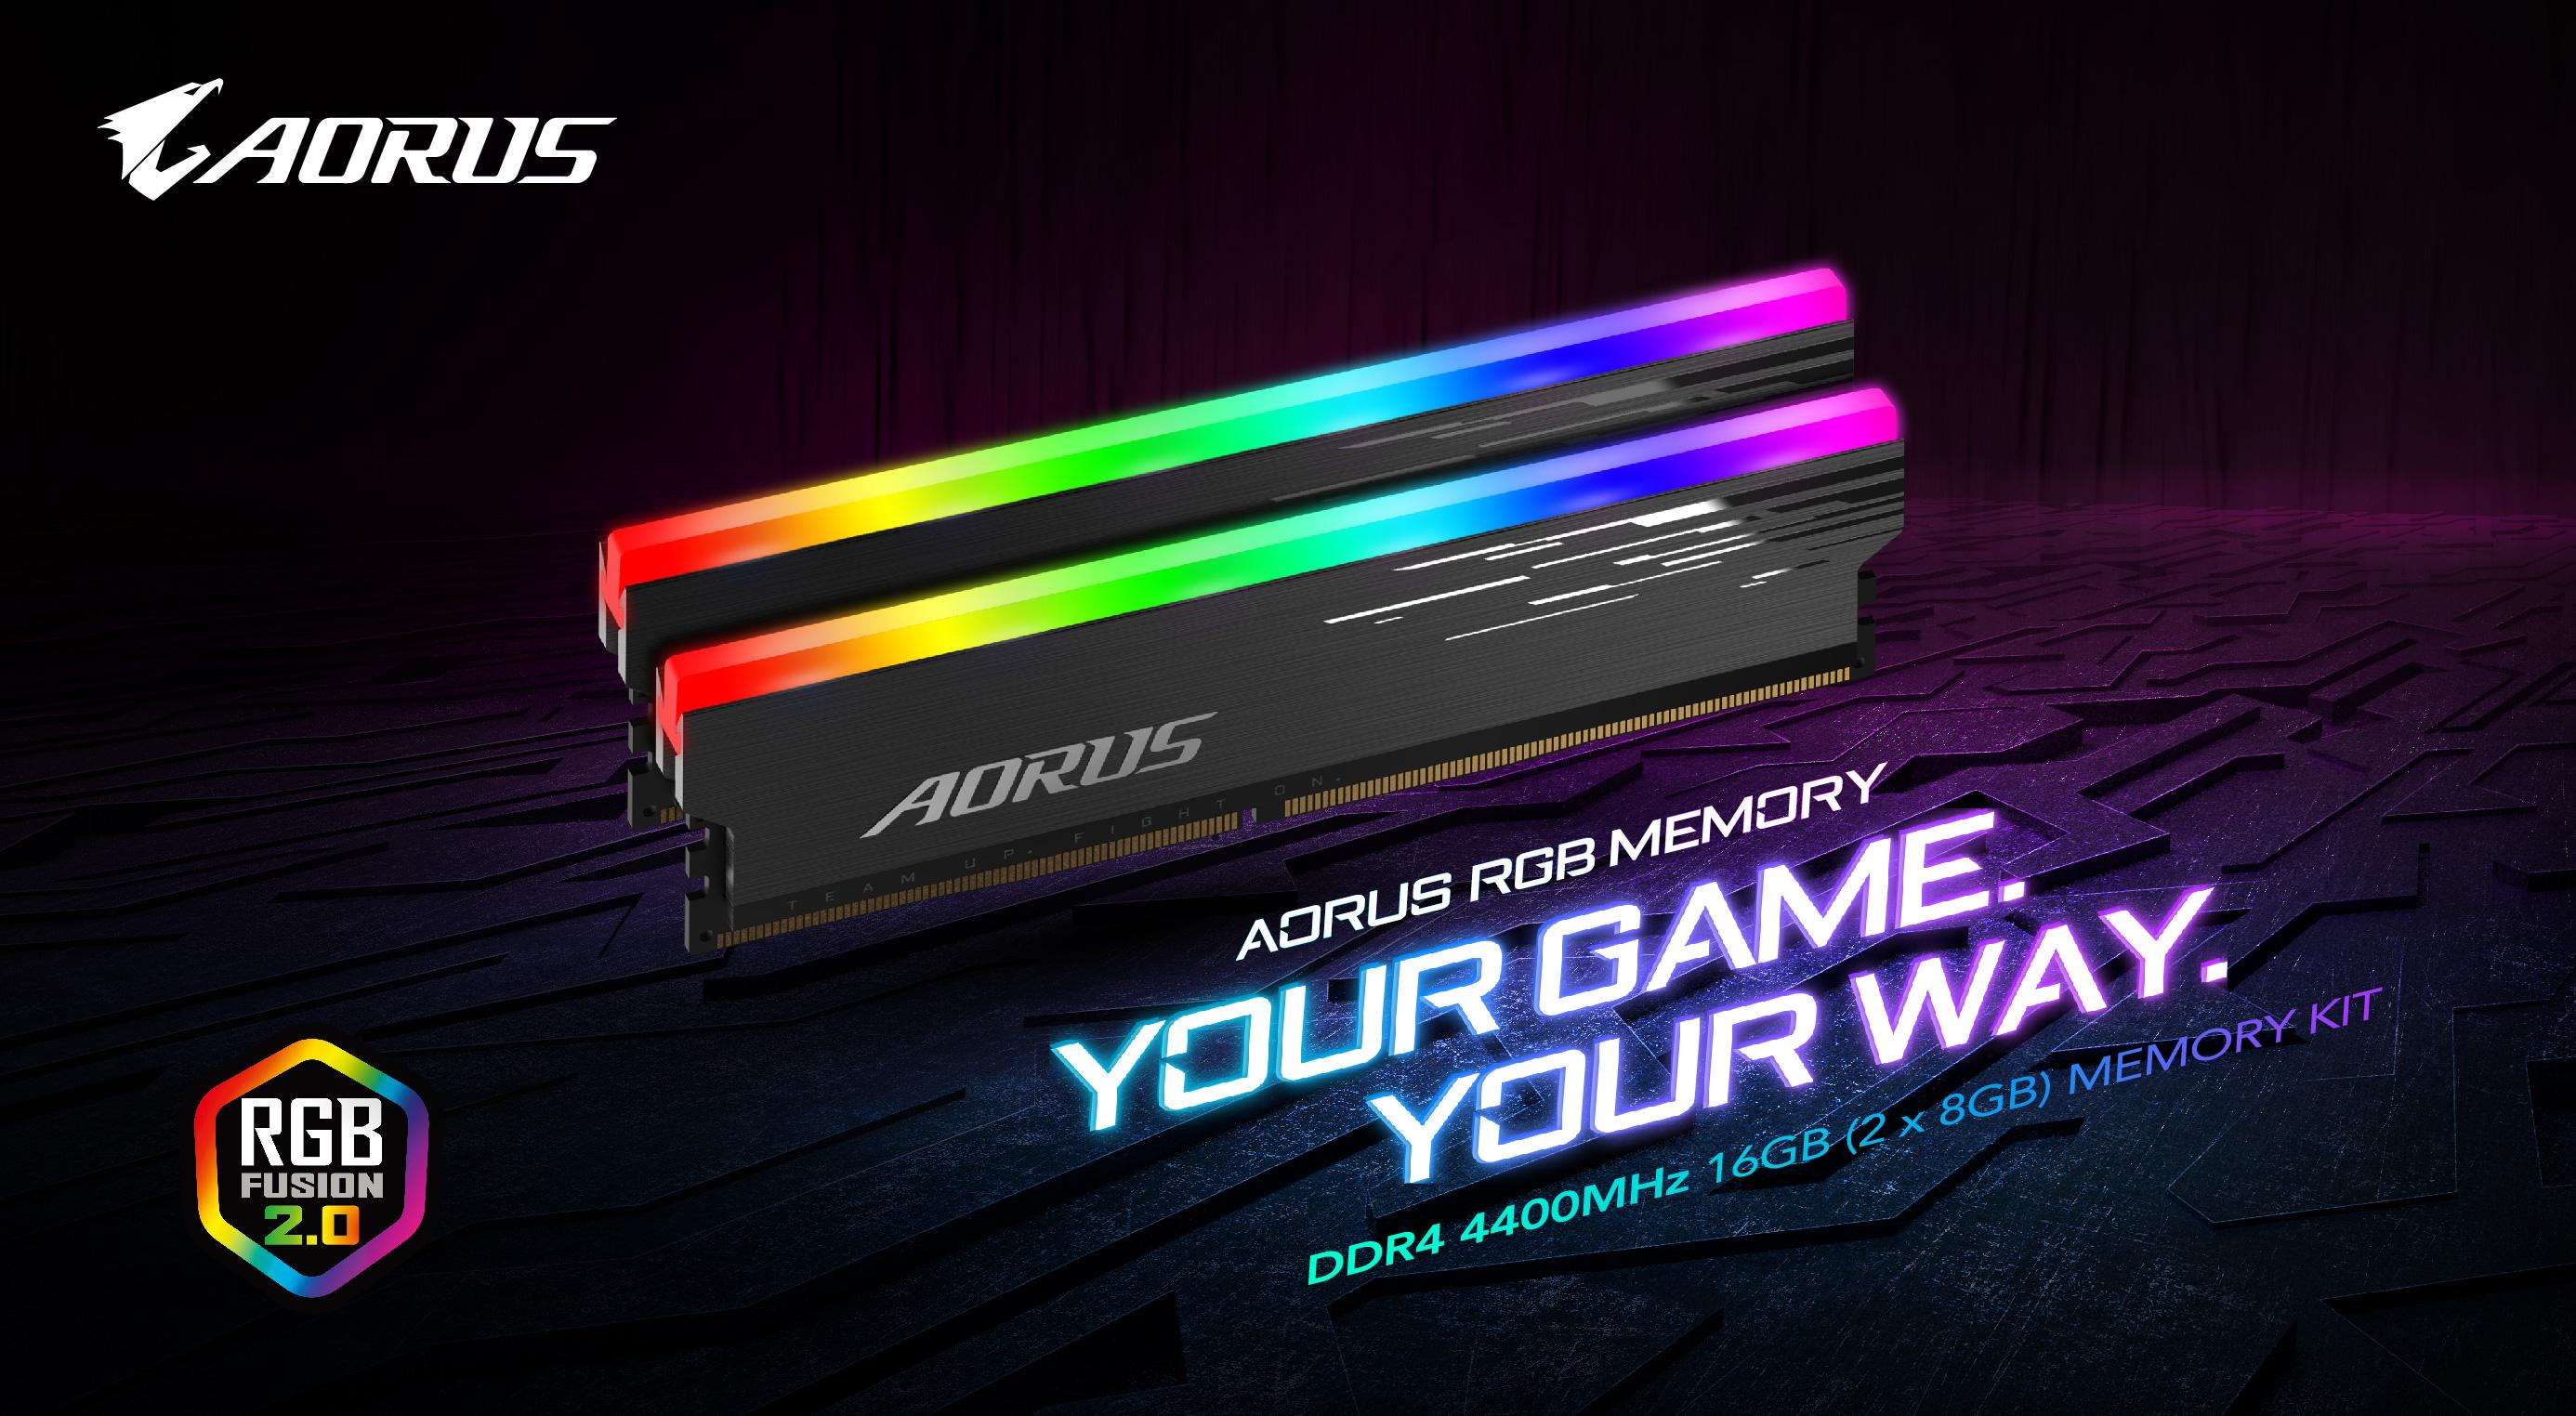 效能再提升 技嘉推出AORUS RGB DDR4 4400MHz記憶體